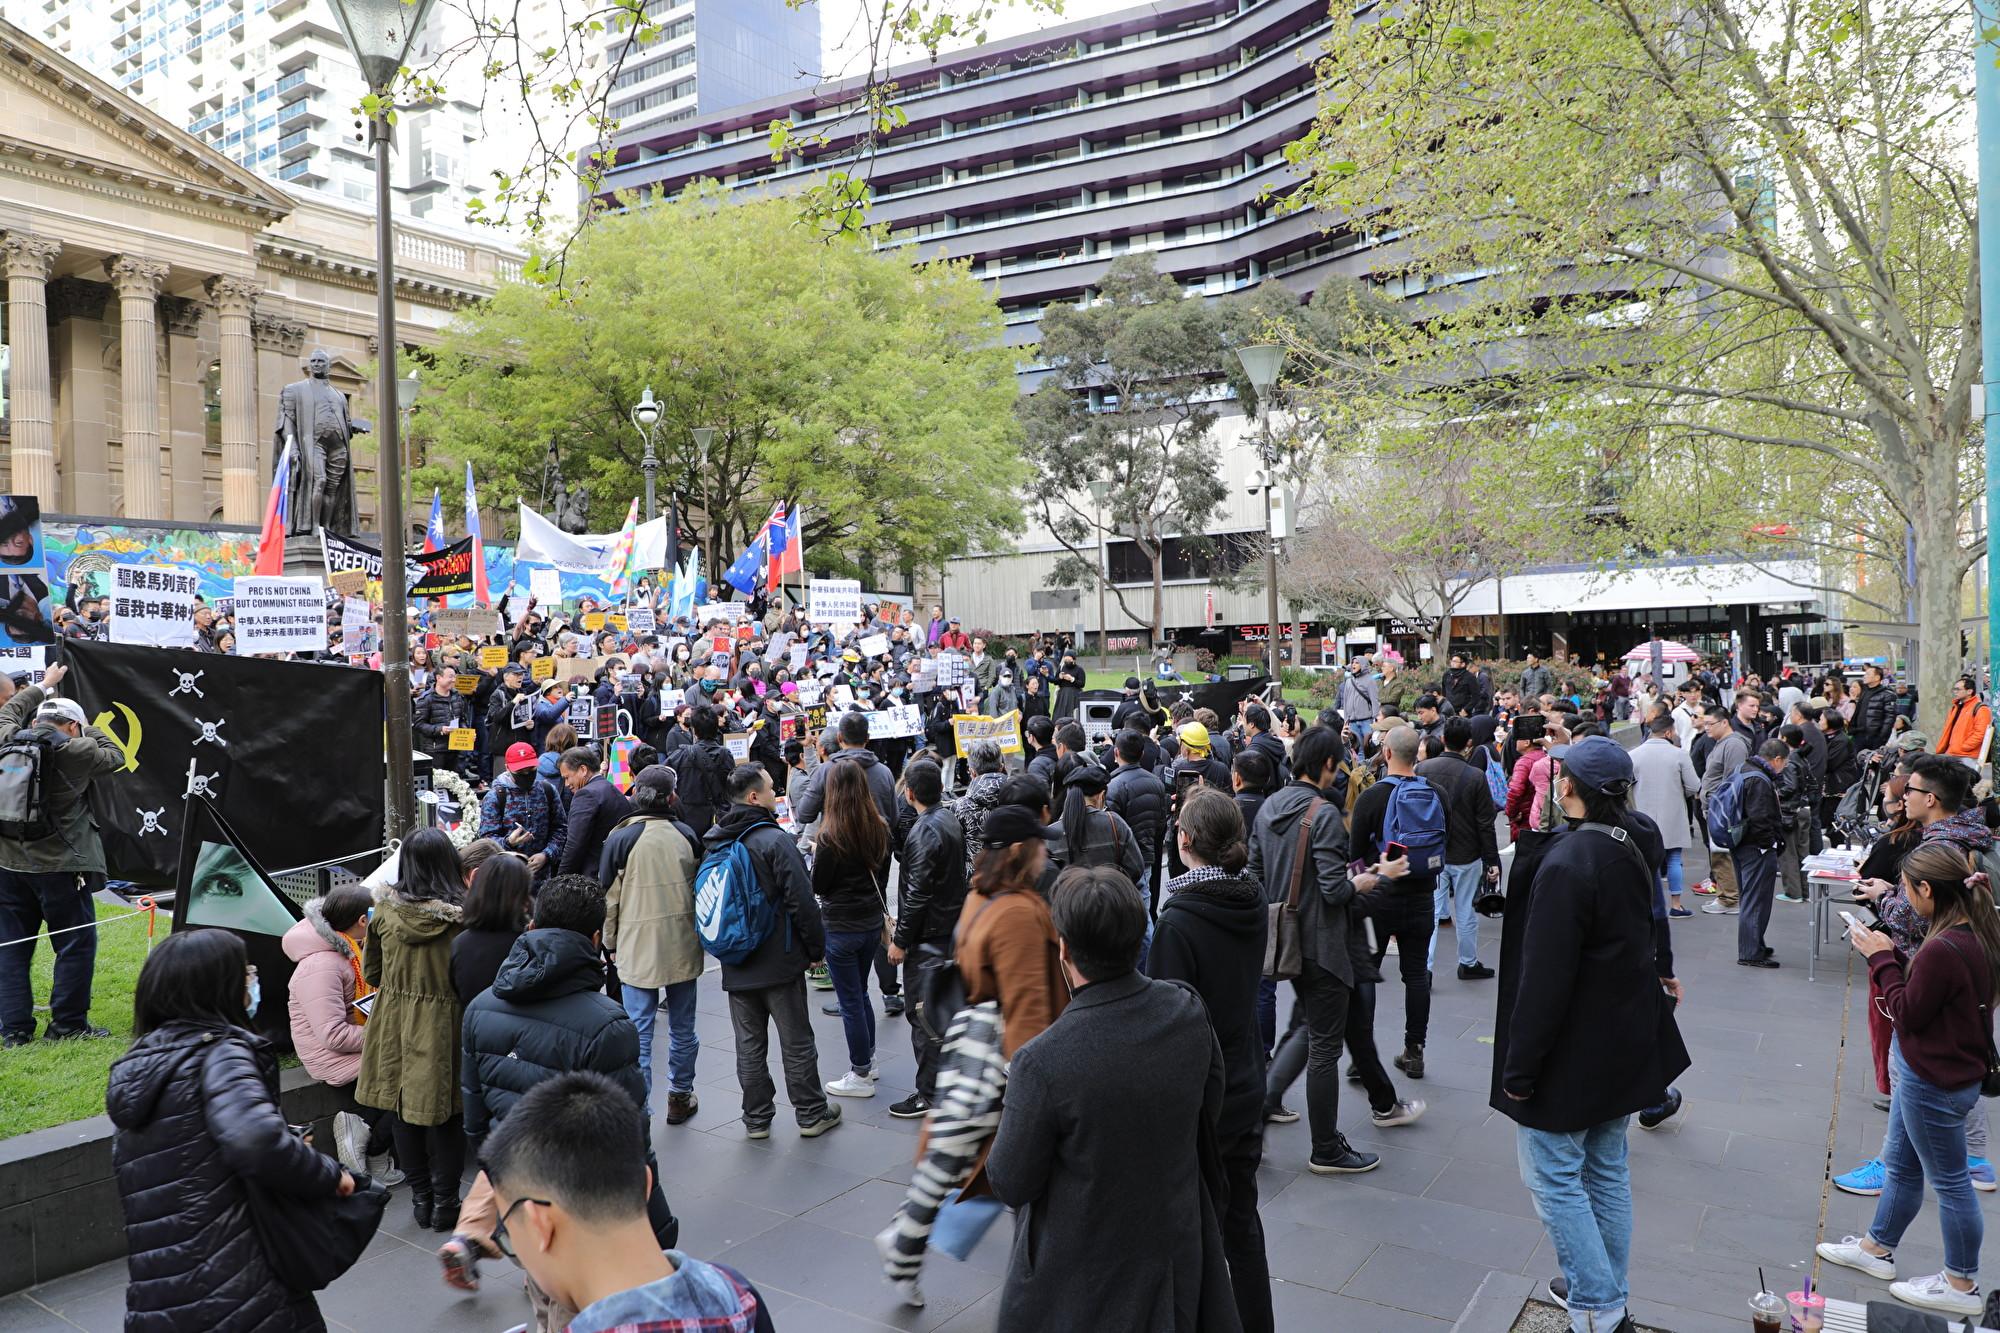 2019年9月29日下午4點,澳洲墨爾本澳港聯在市中心州立圖書館(State Library)前舉行反極權集會。(Grace Yu/大紀元)